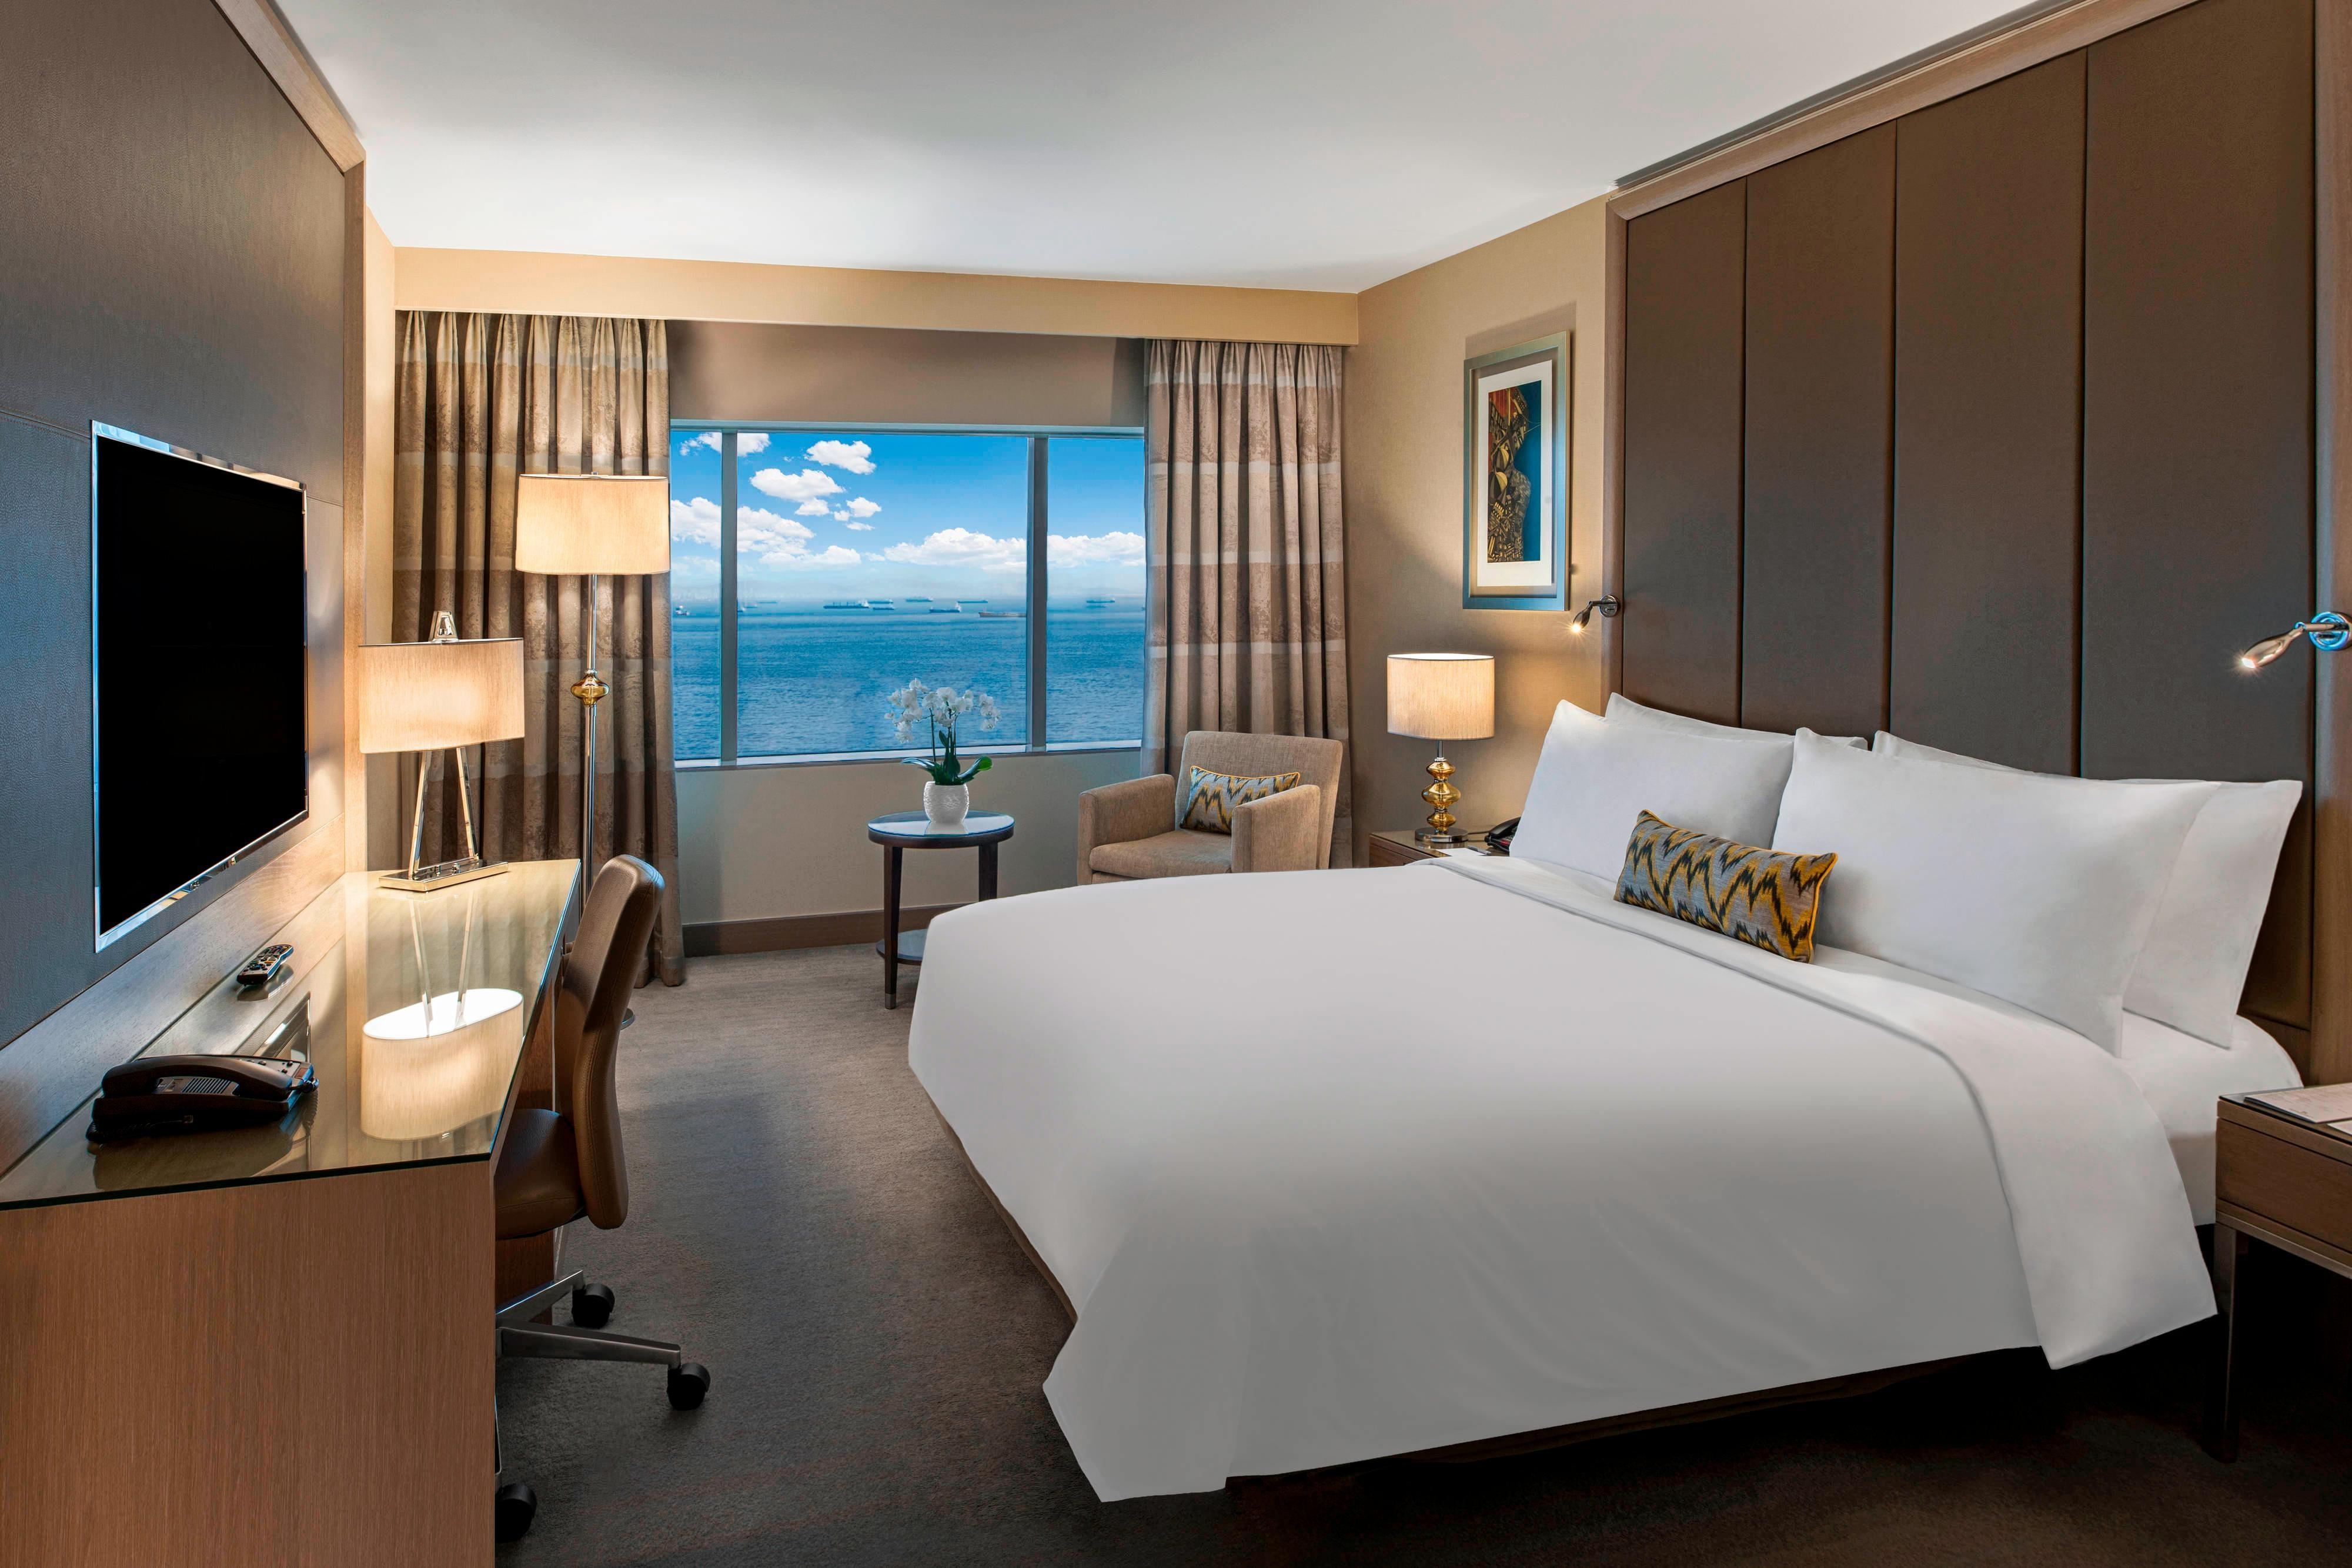 Chambre haut de gamme avec lit double-vue sur la mer